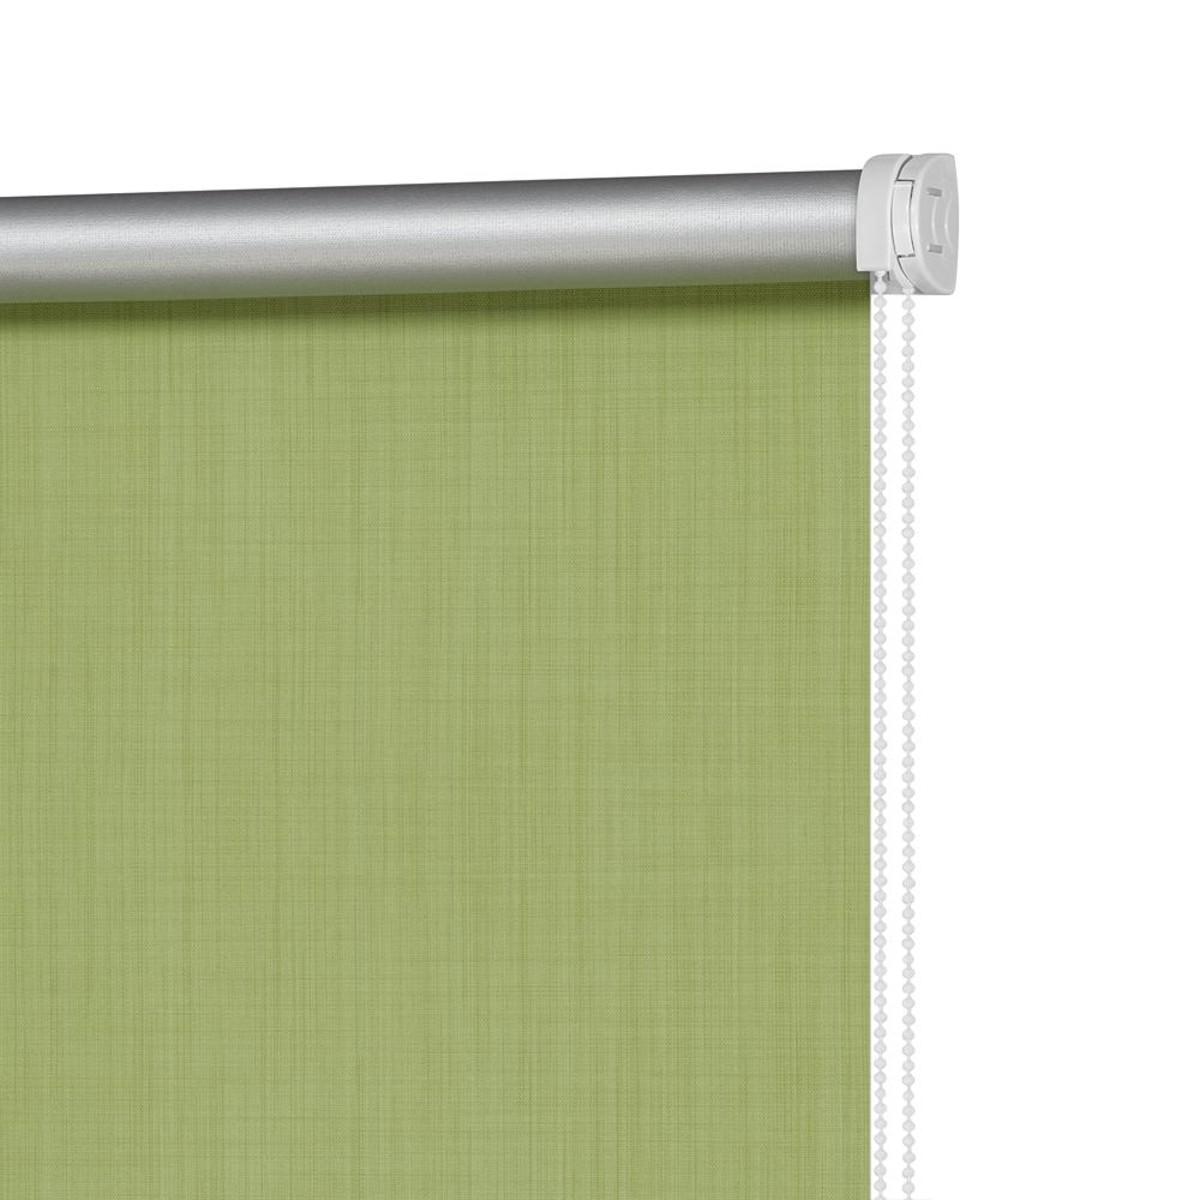 Рулонная Ора Decofest Блэкаут Селия 80Х160 Цвет Зеленый